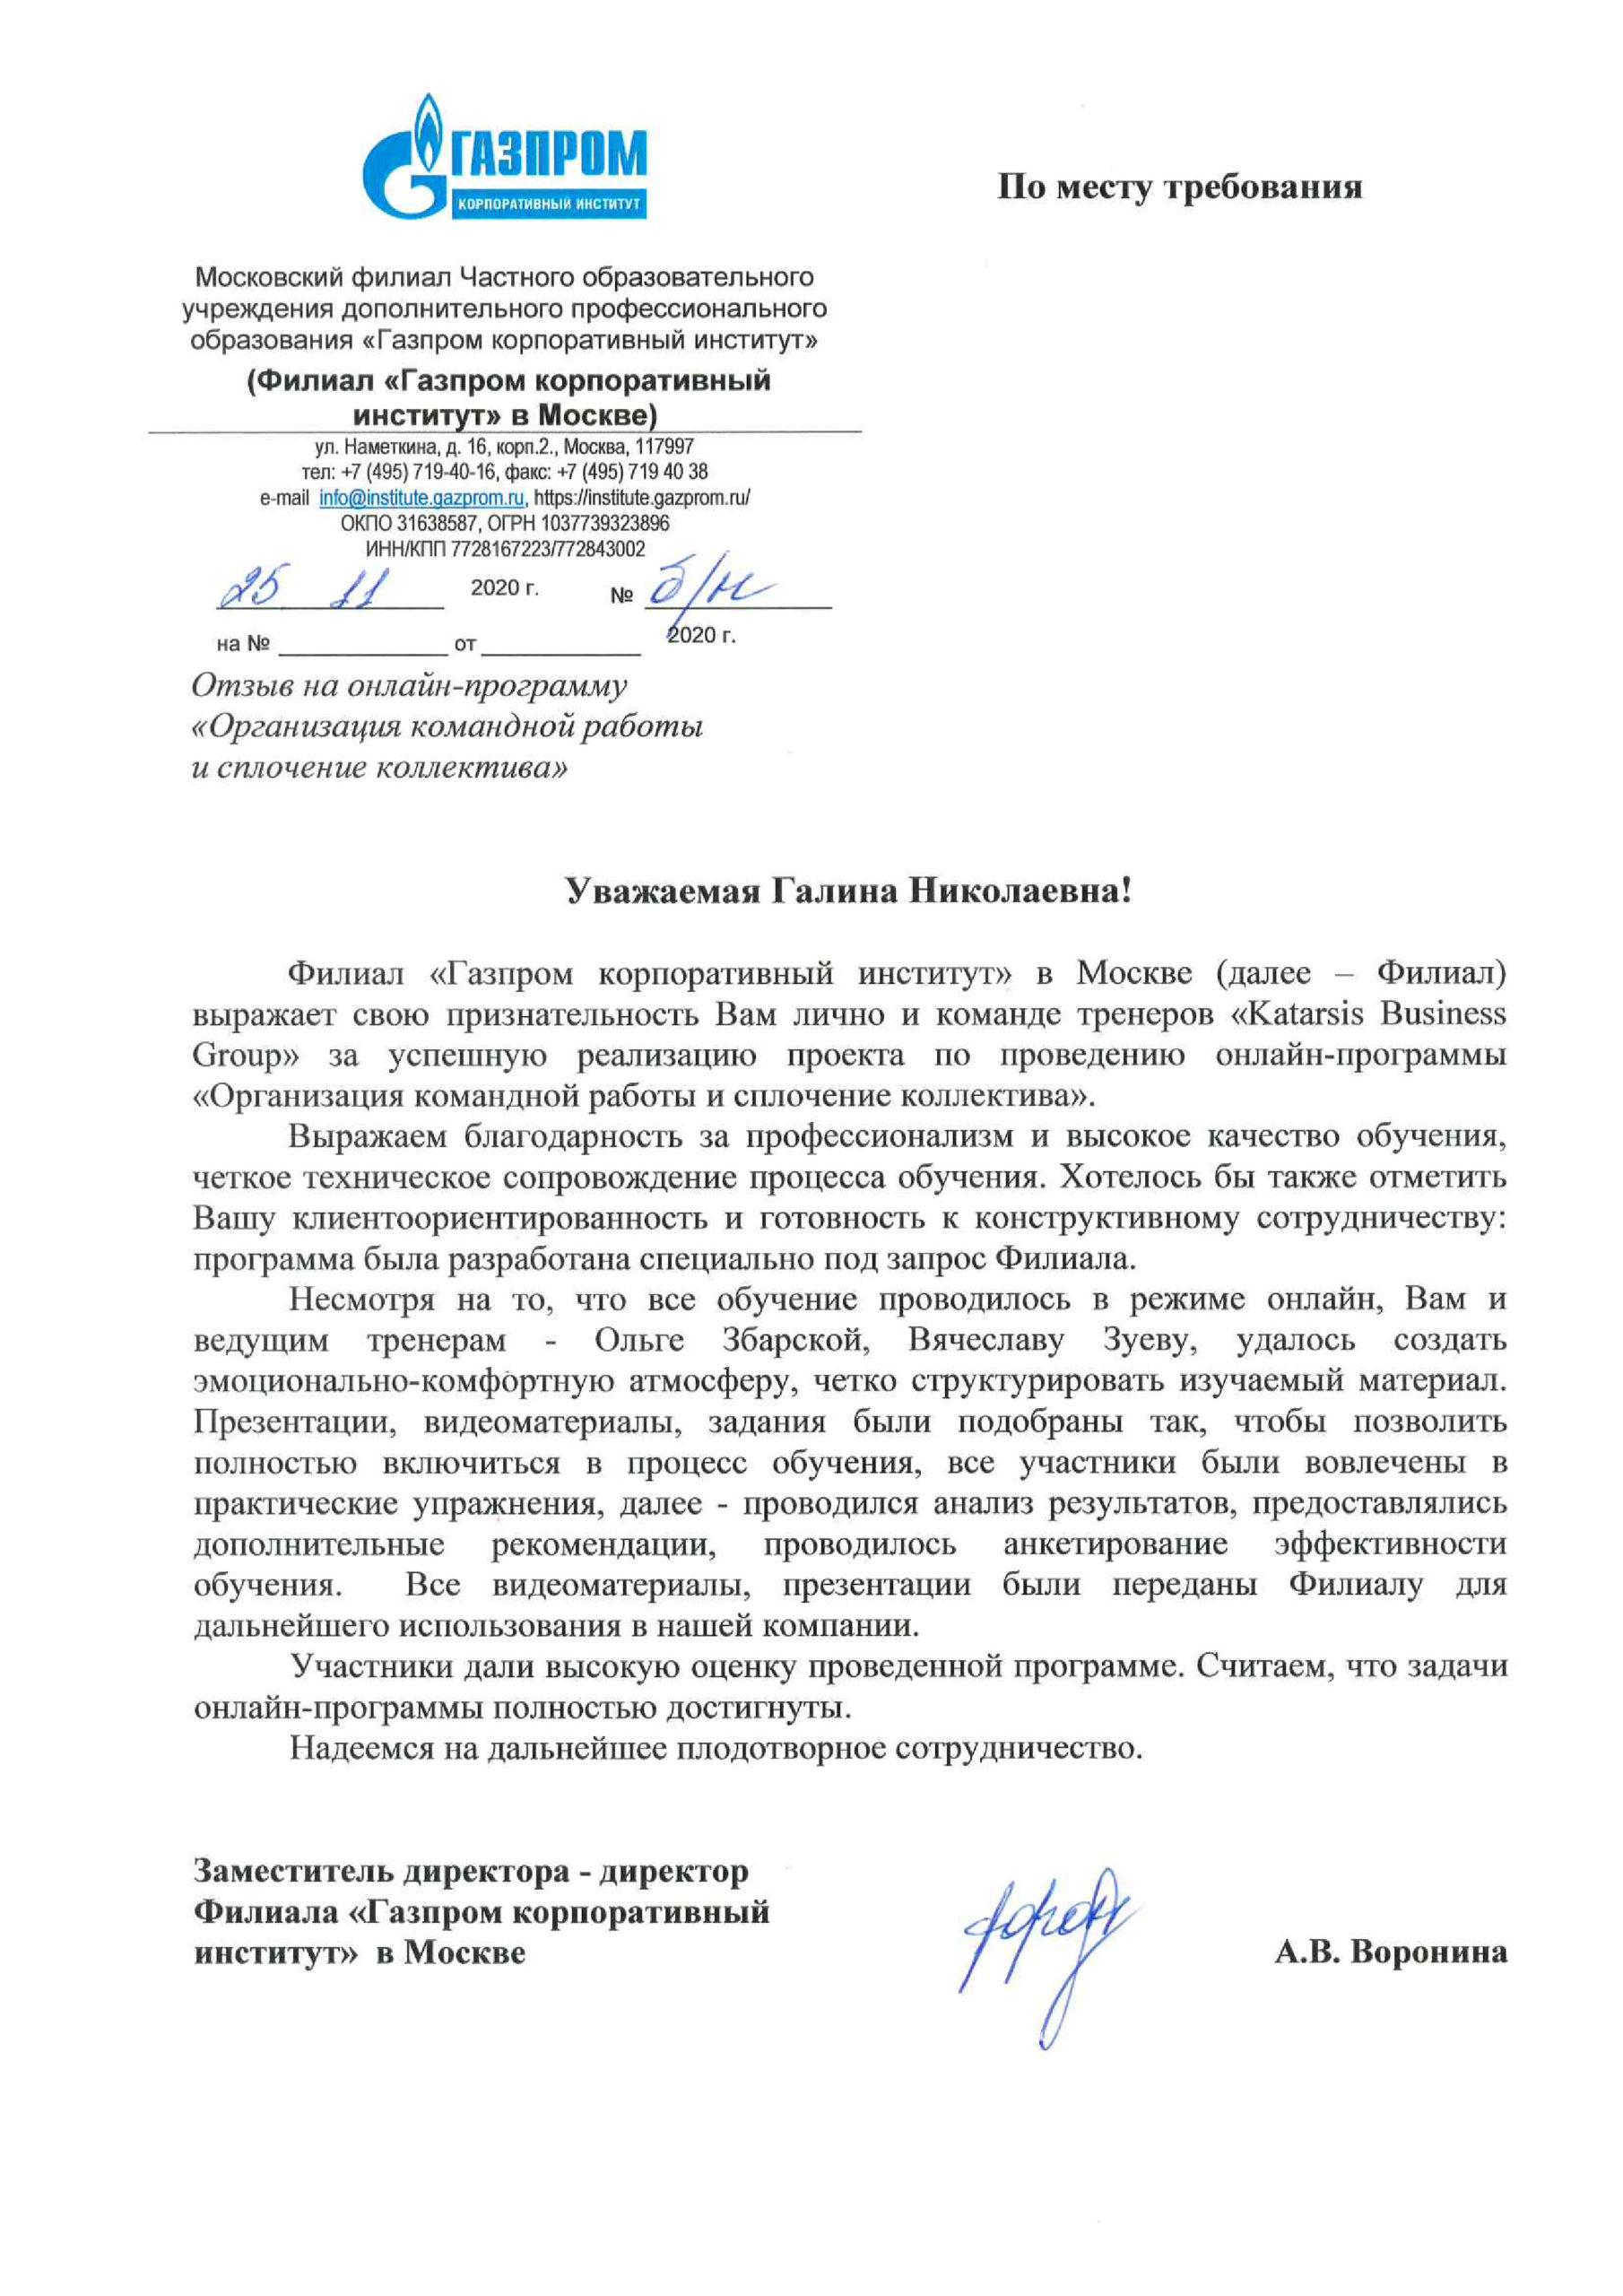 Отзыв от Газпром корпоративный институт в Москве